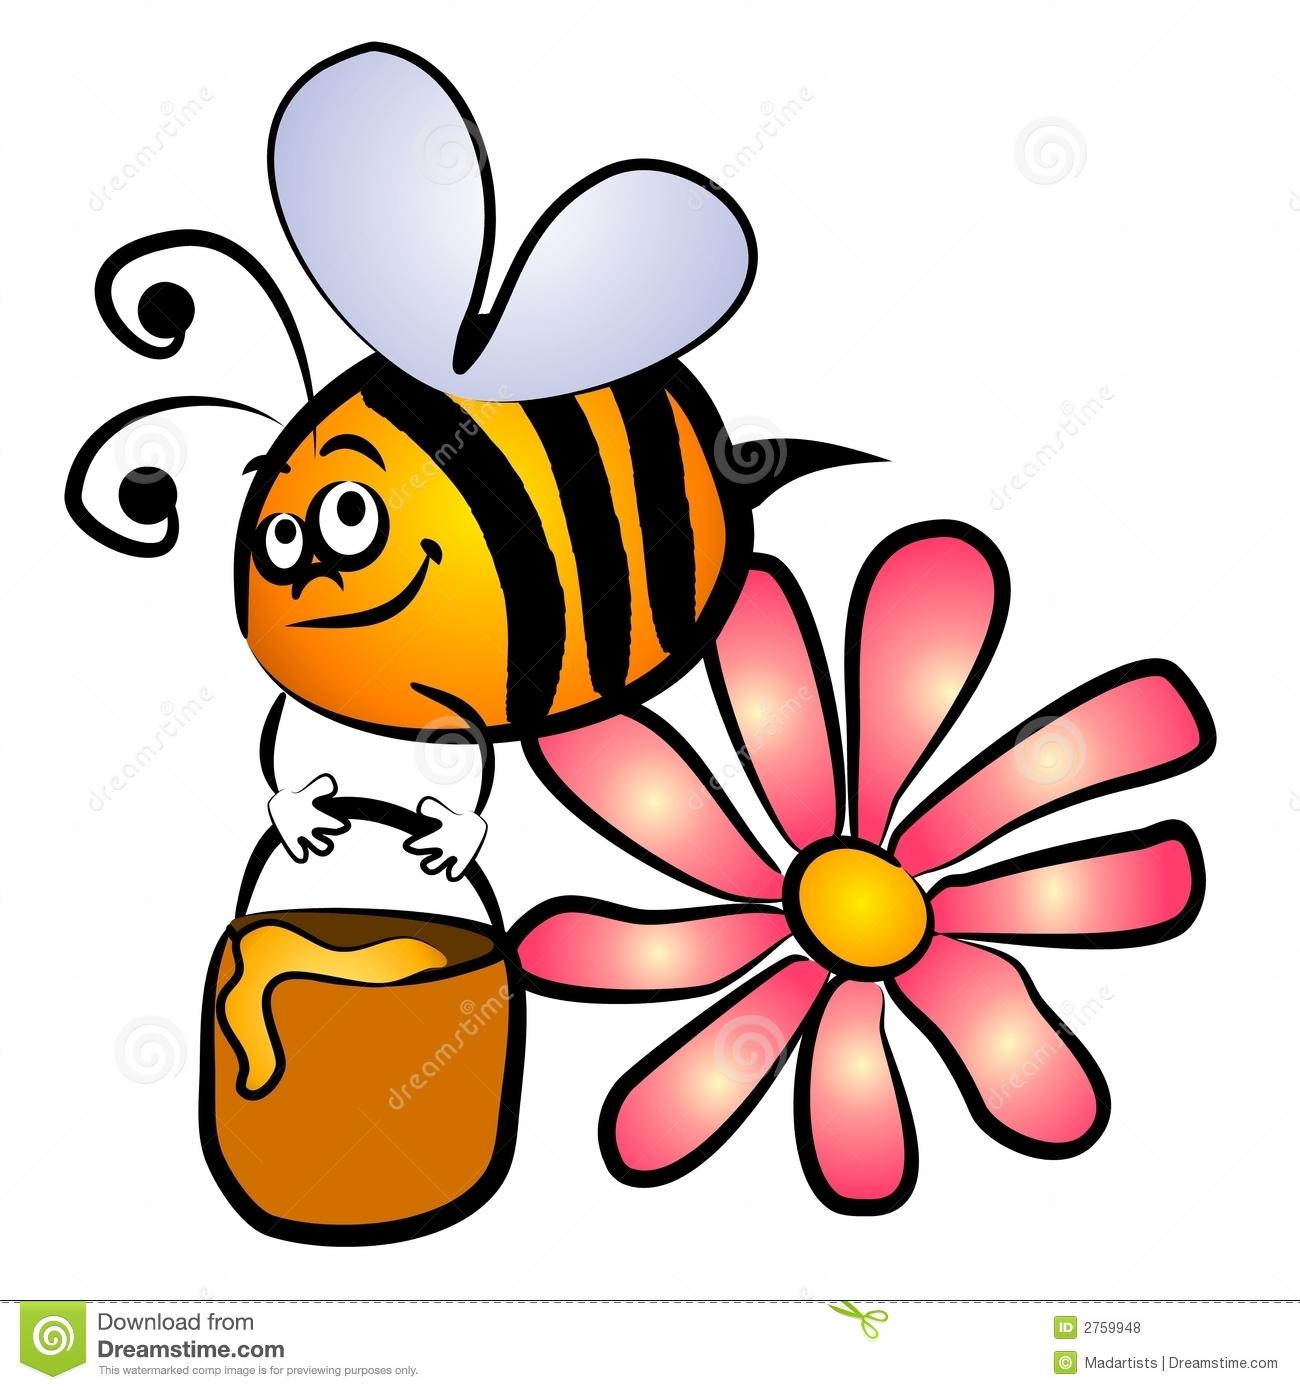 3491 Honey free clipart.